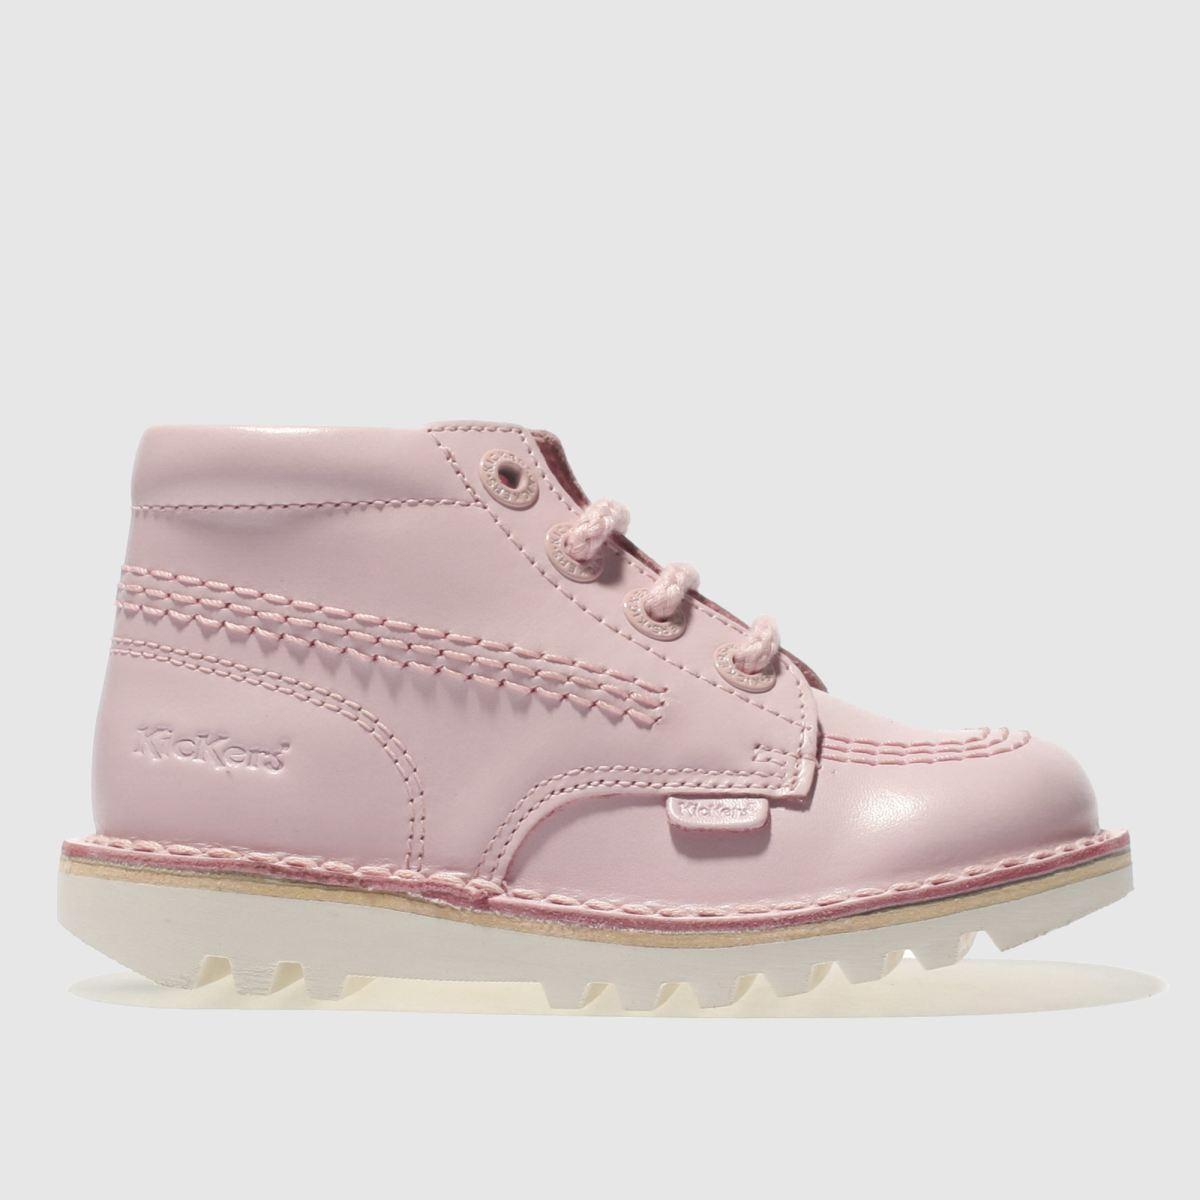 Kickers Pale Pink Kick Hi Girls Toddler Boots